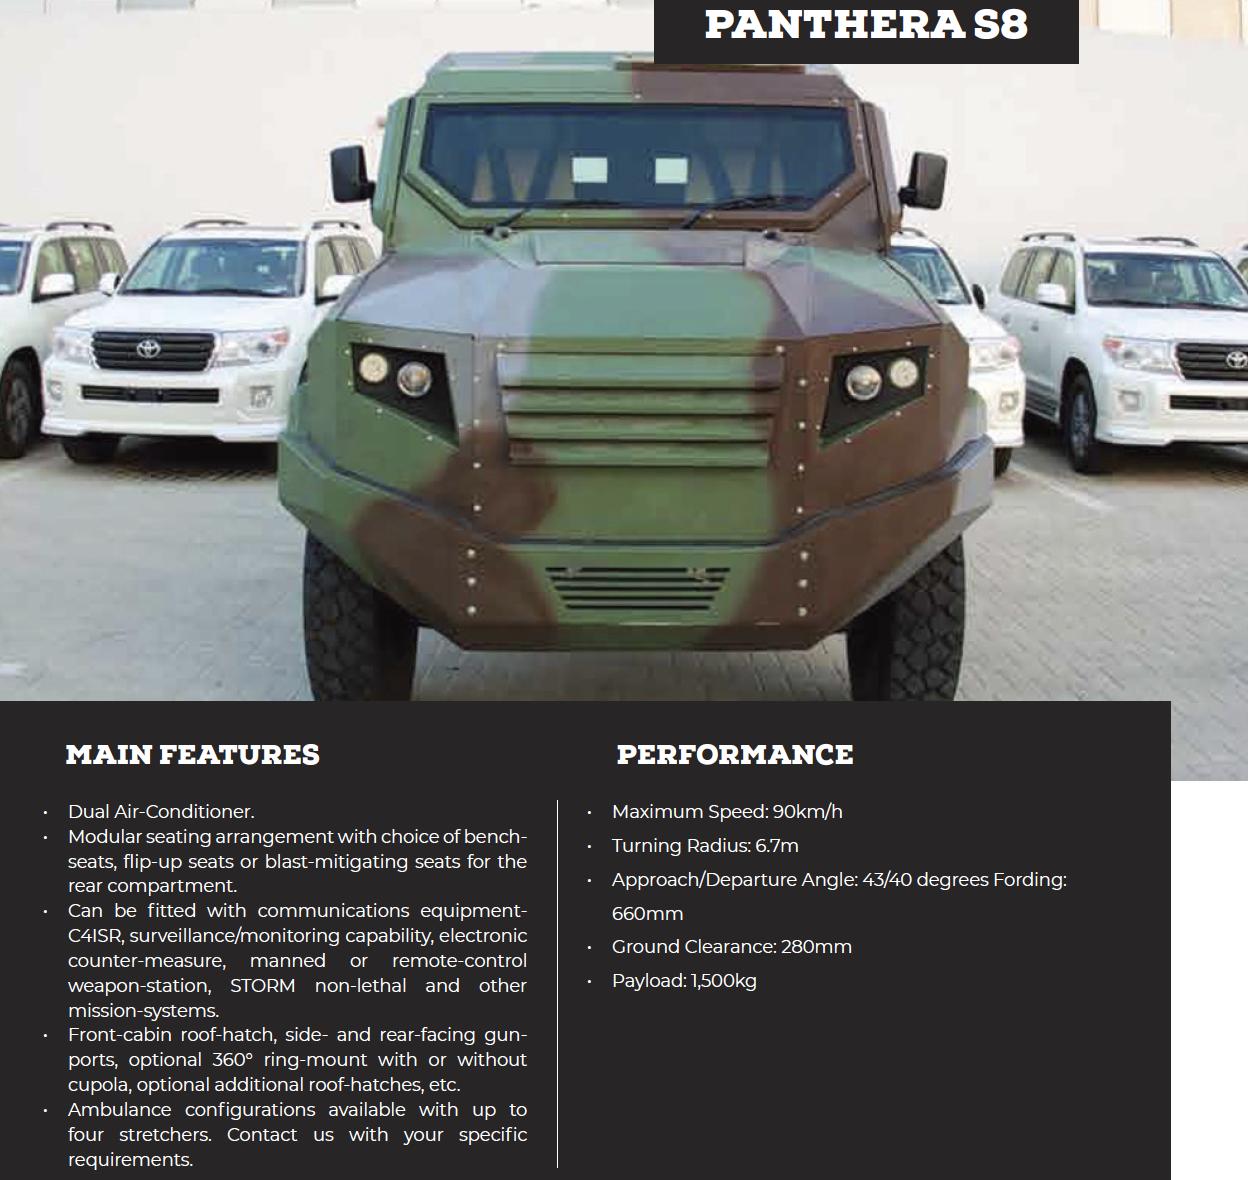 Panthera S8